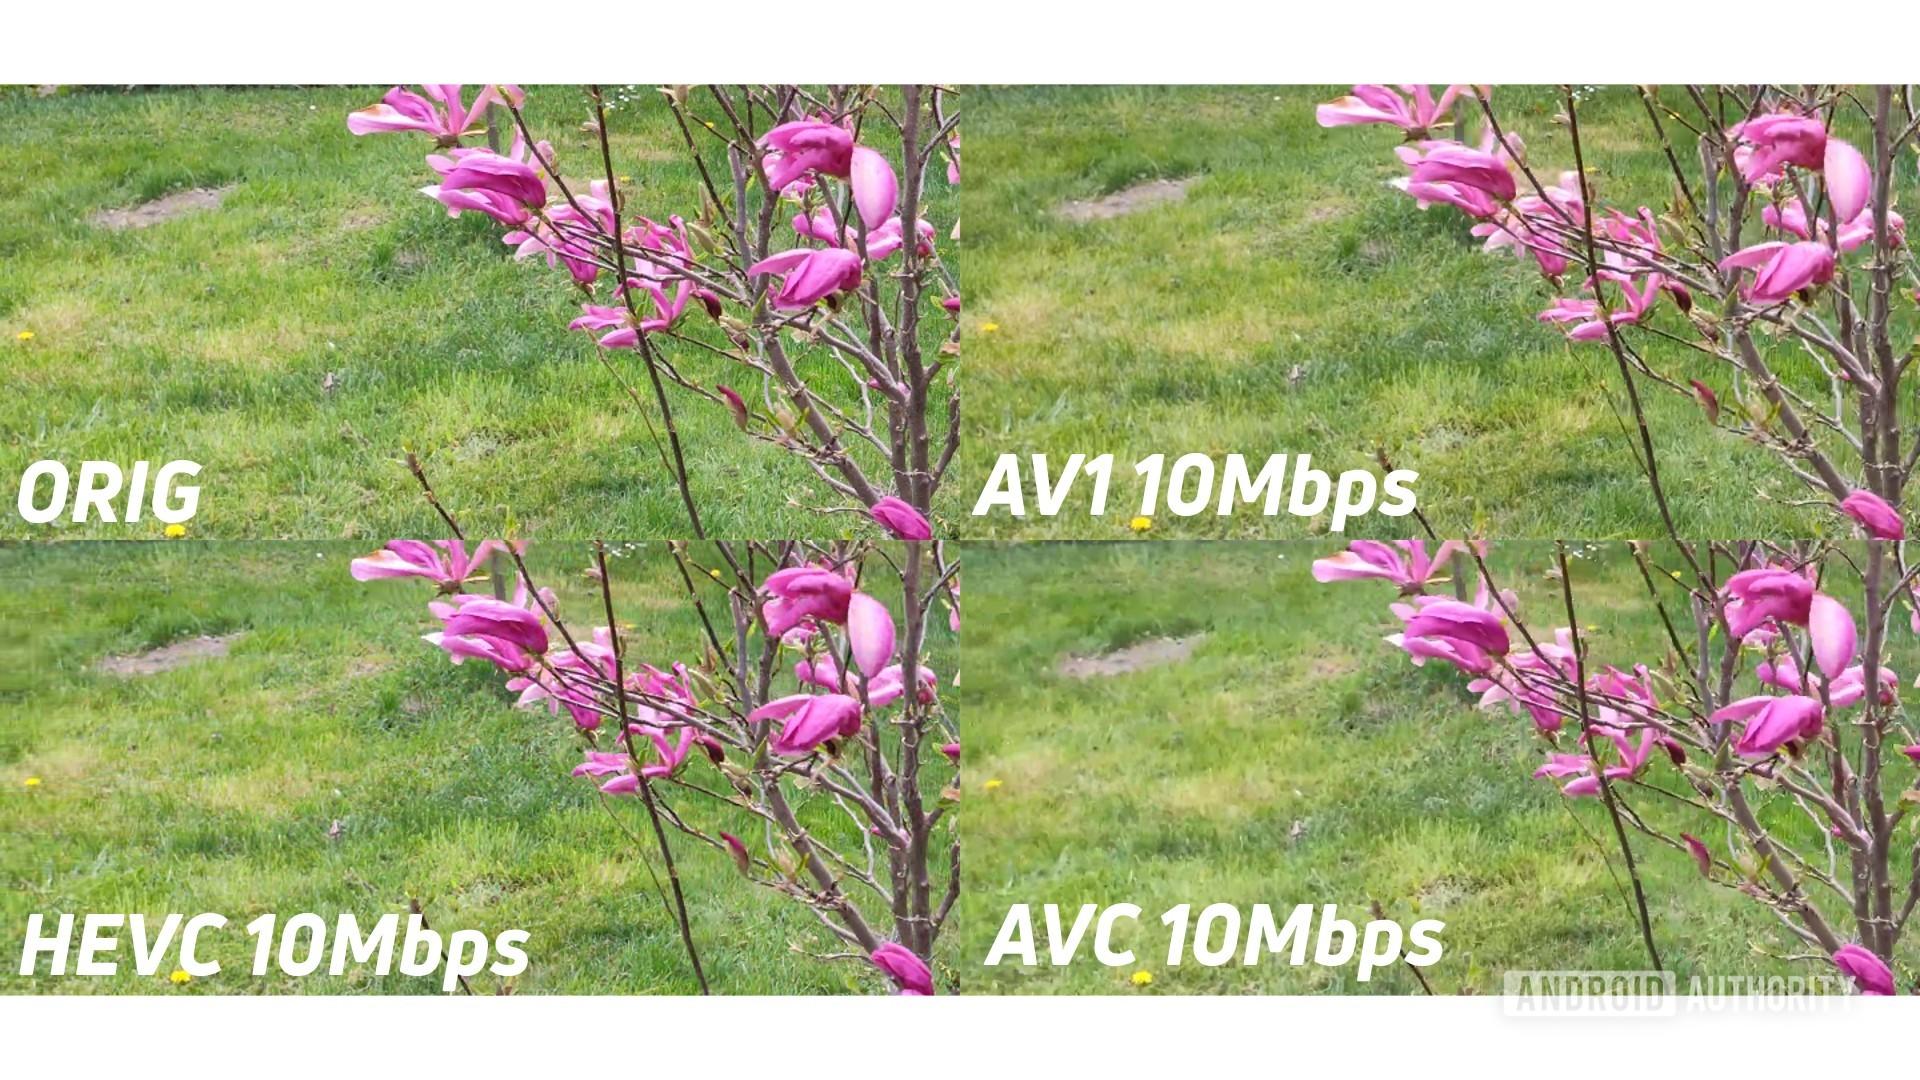 Example of 4k original against AV1 HEVC AVC 10mbps zoomed